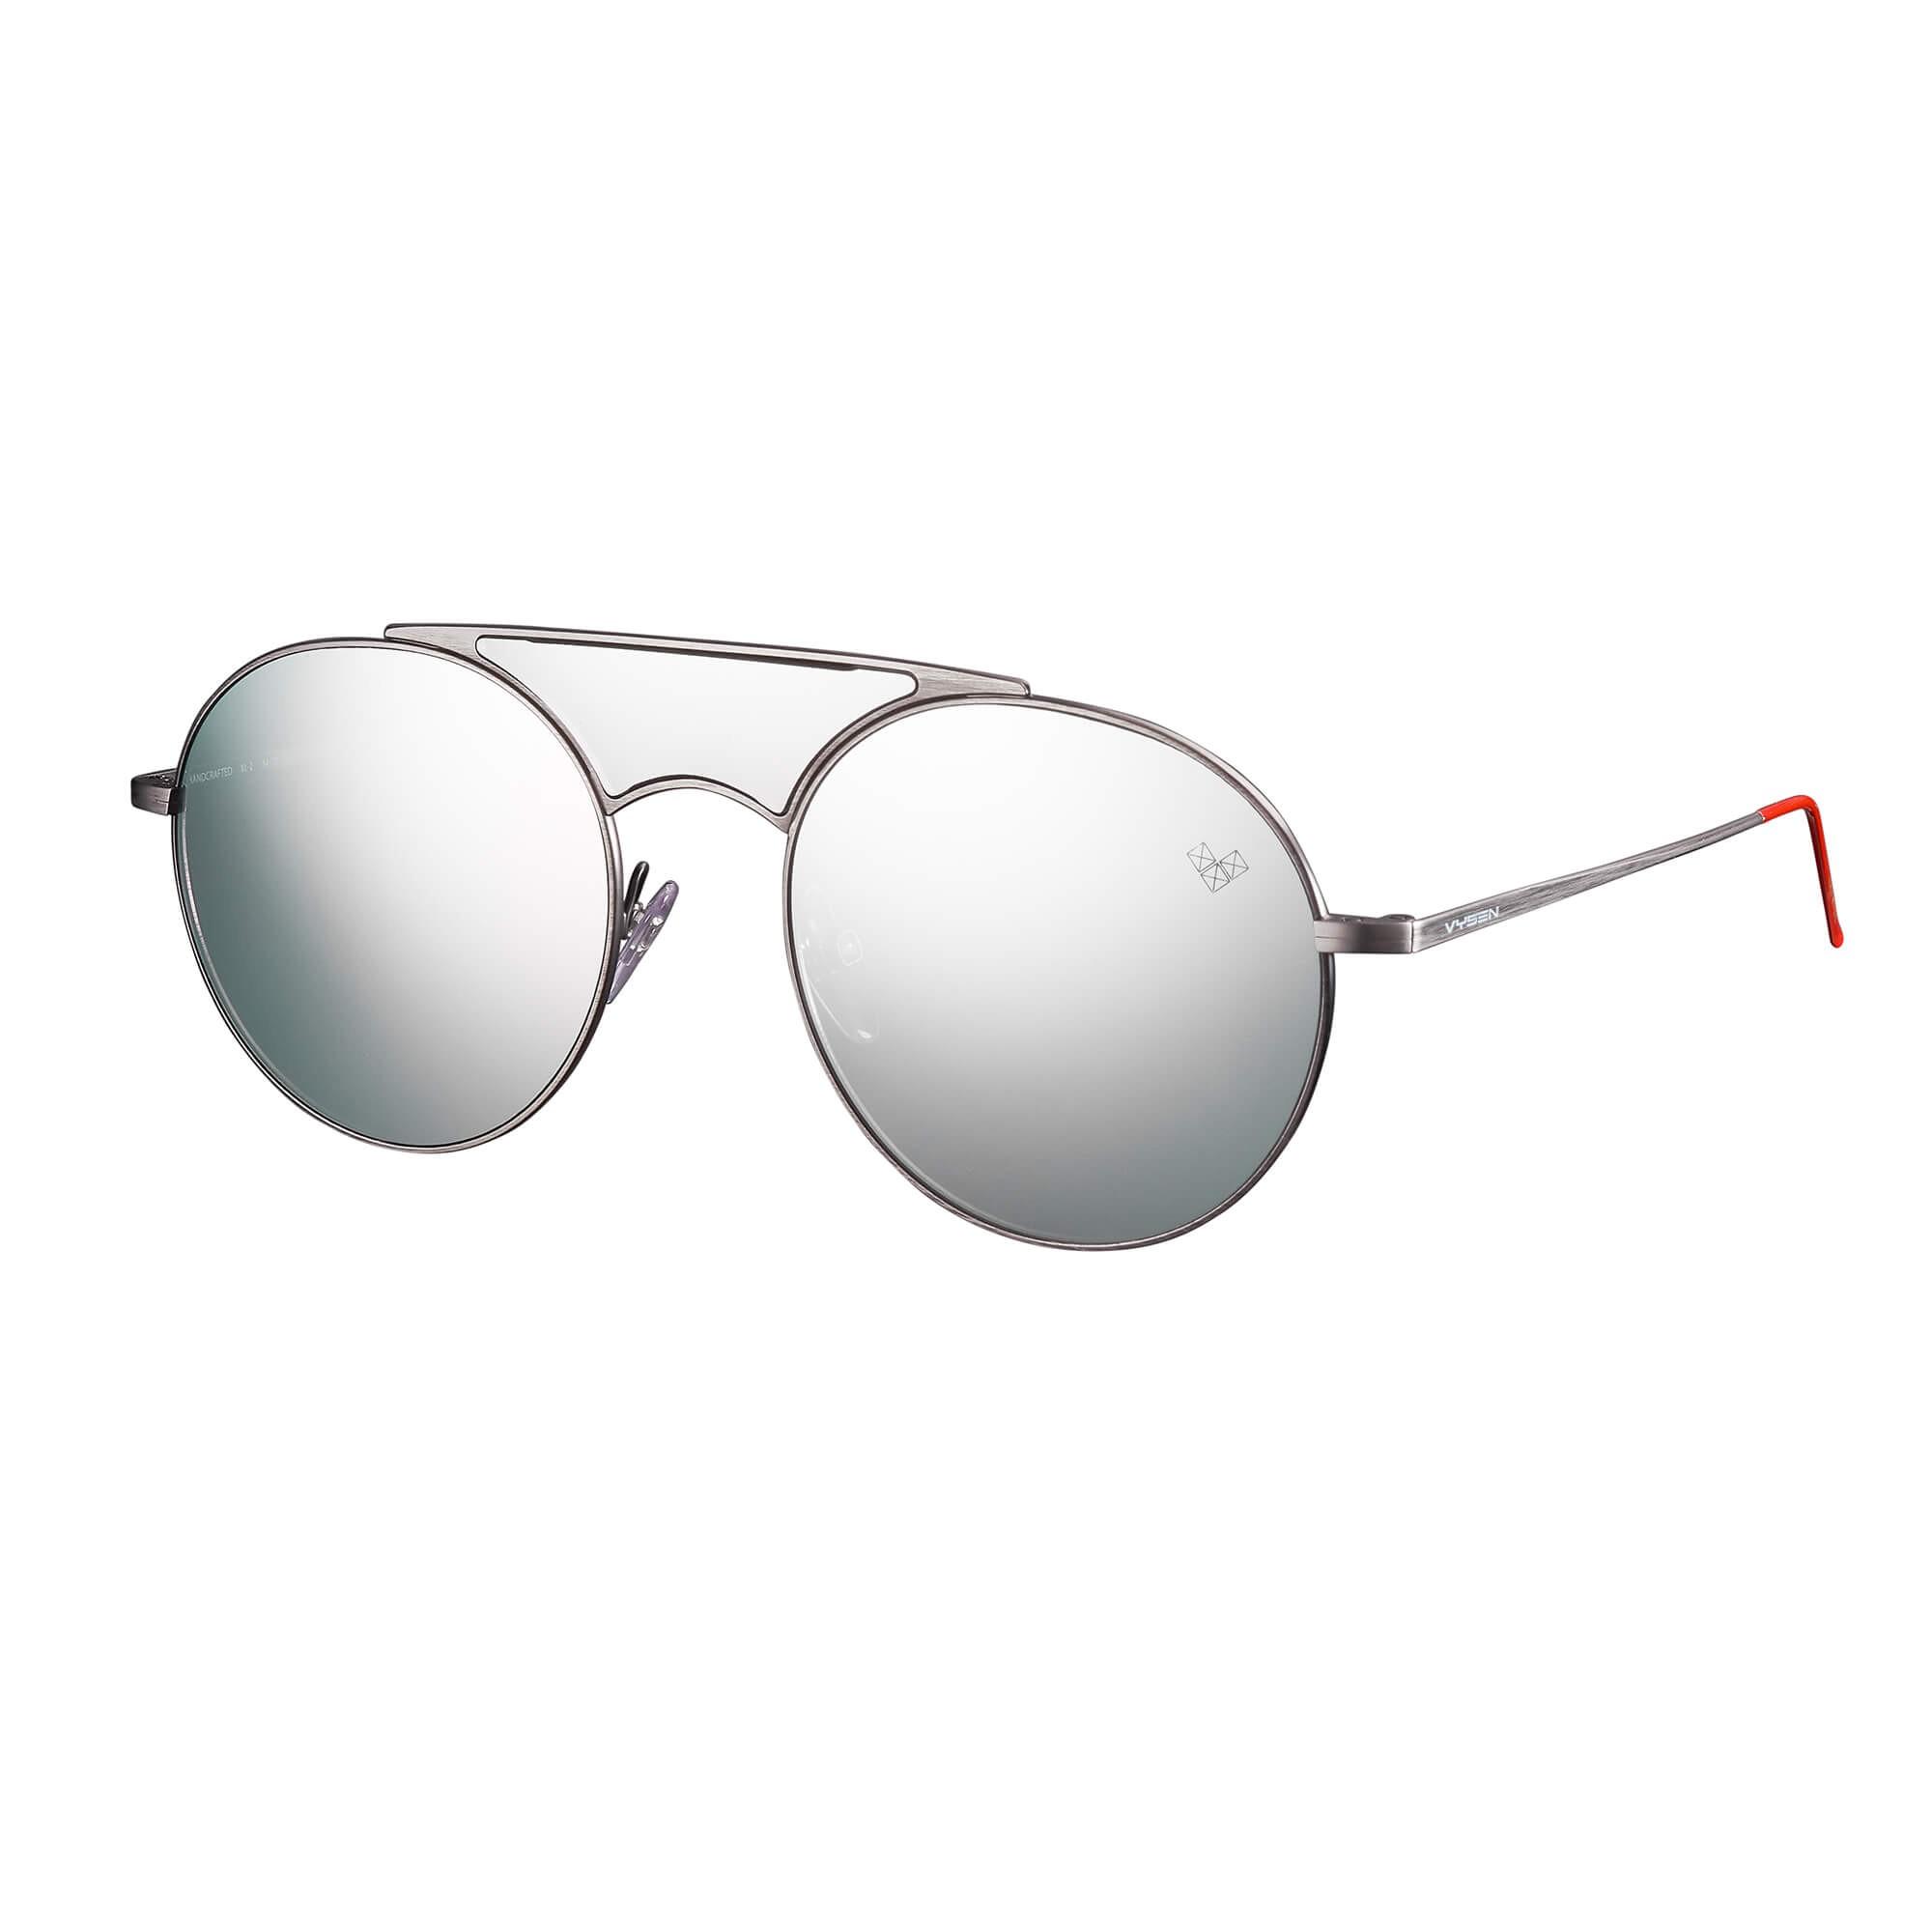 5e2df4736 Vysen Kalai 02 Ariadna Gutierrez Lentes espelhada Prata - Oculos de Sol